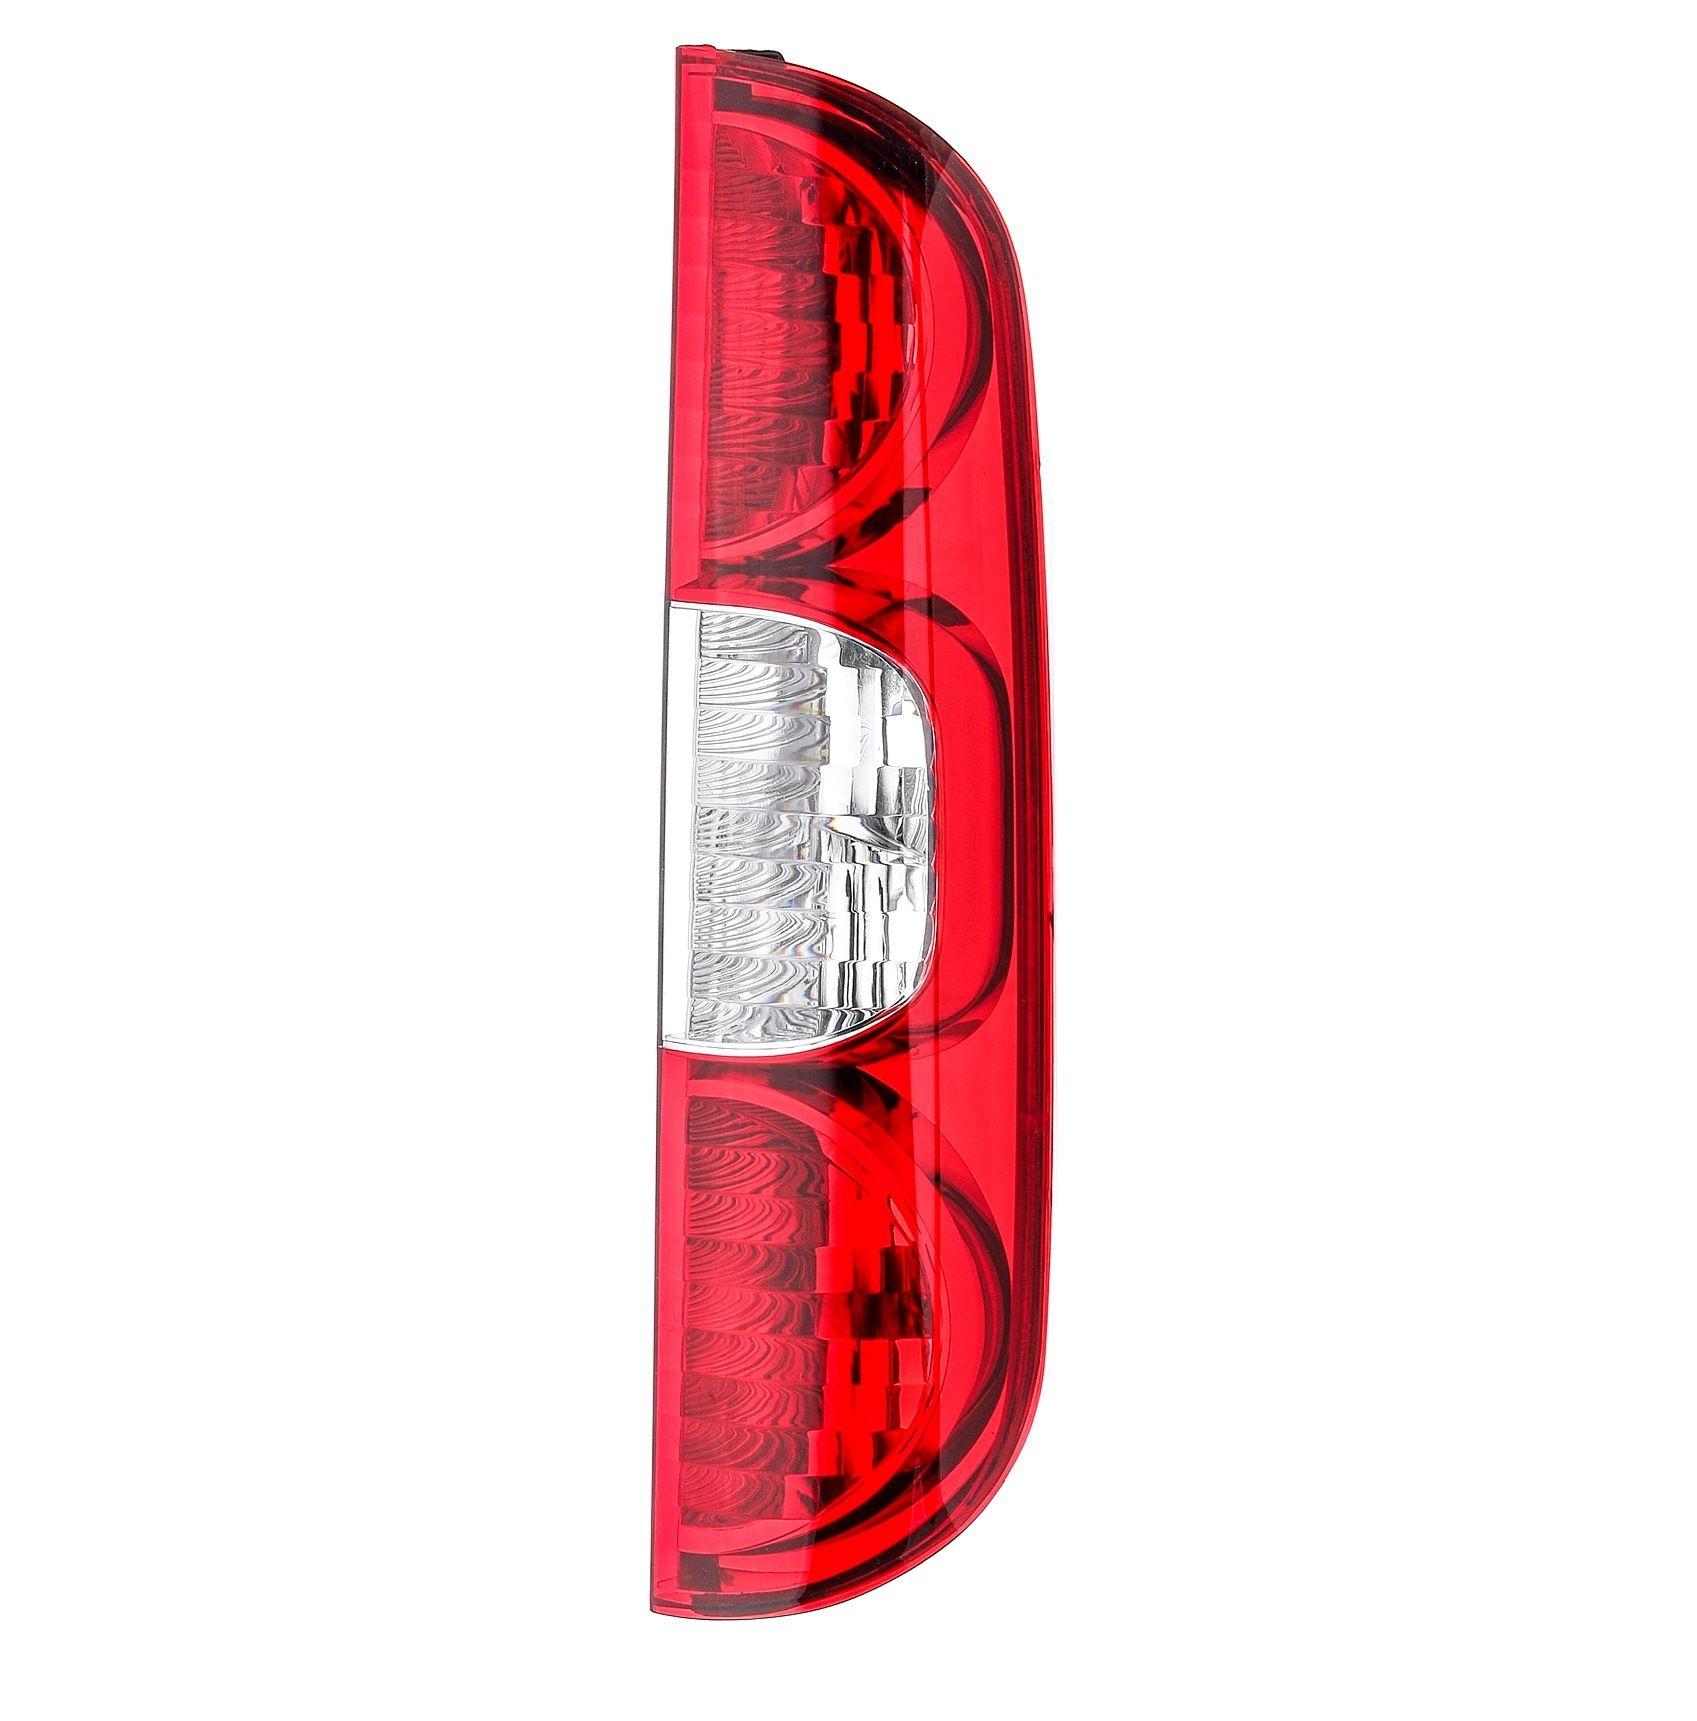 Luce posteriore 2212961 ALKAR — Solo ricambi nuovi